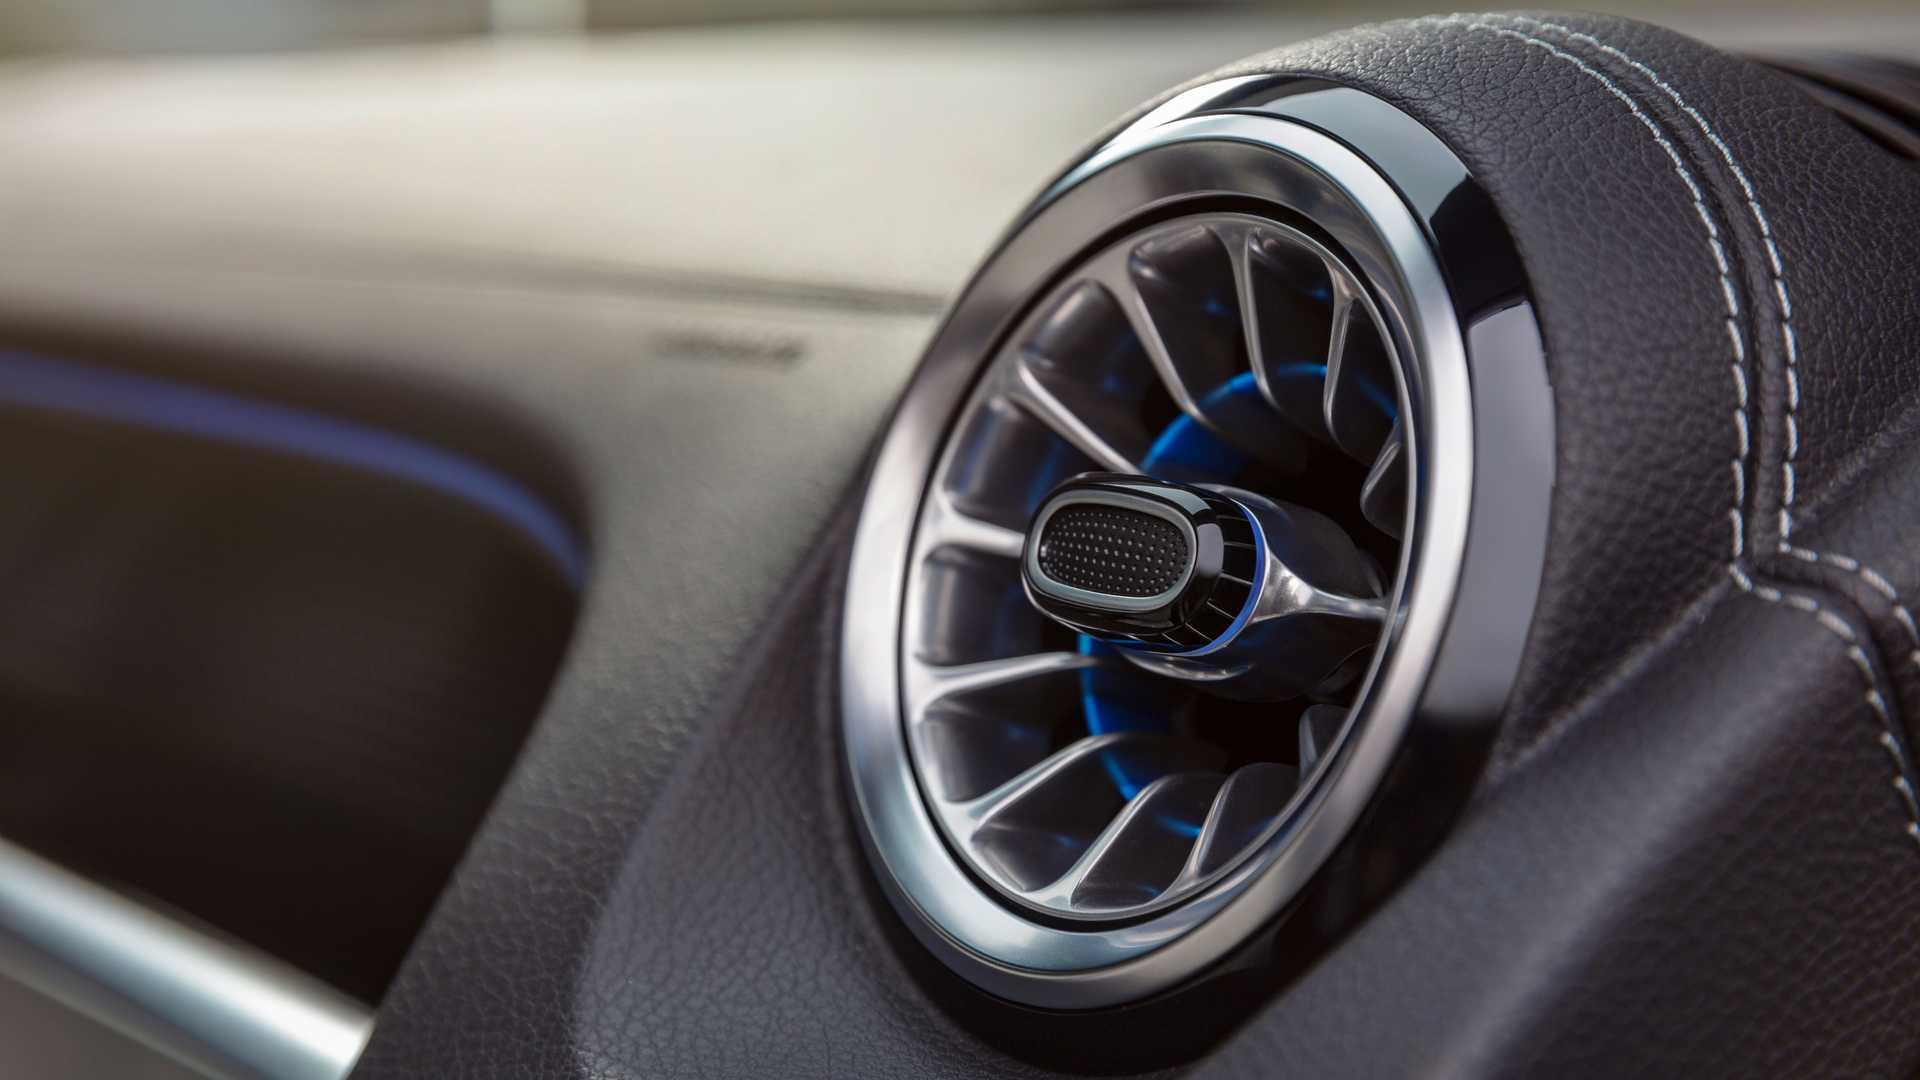 مرسيدس بنز إي كيو بي - Mercedes-Benz EQB 350 2022